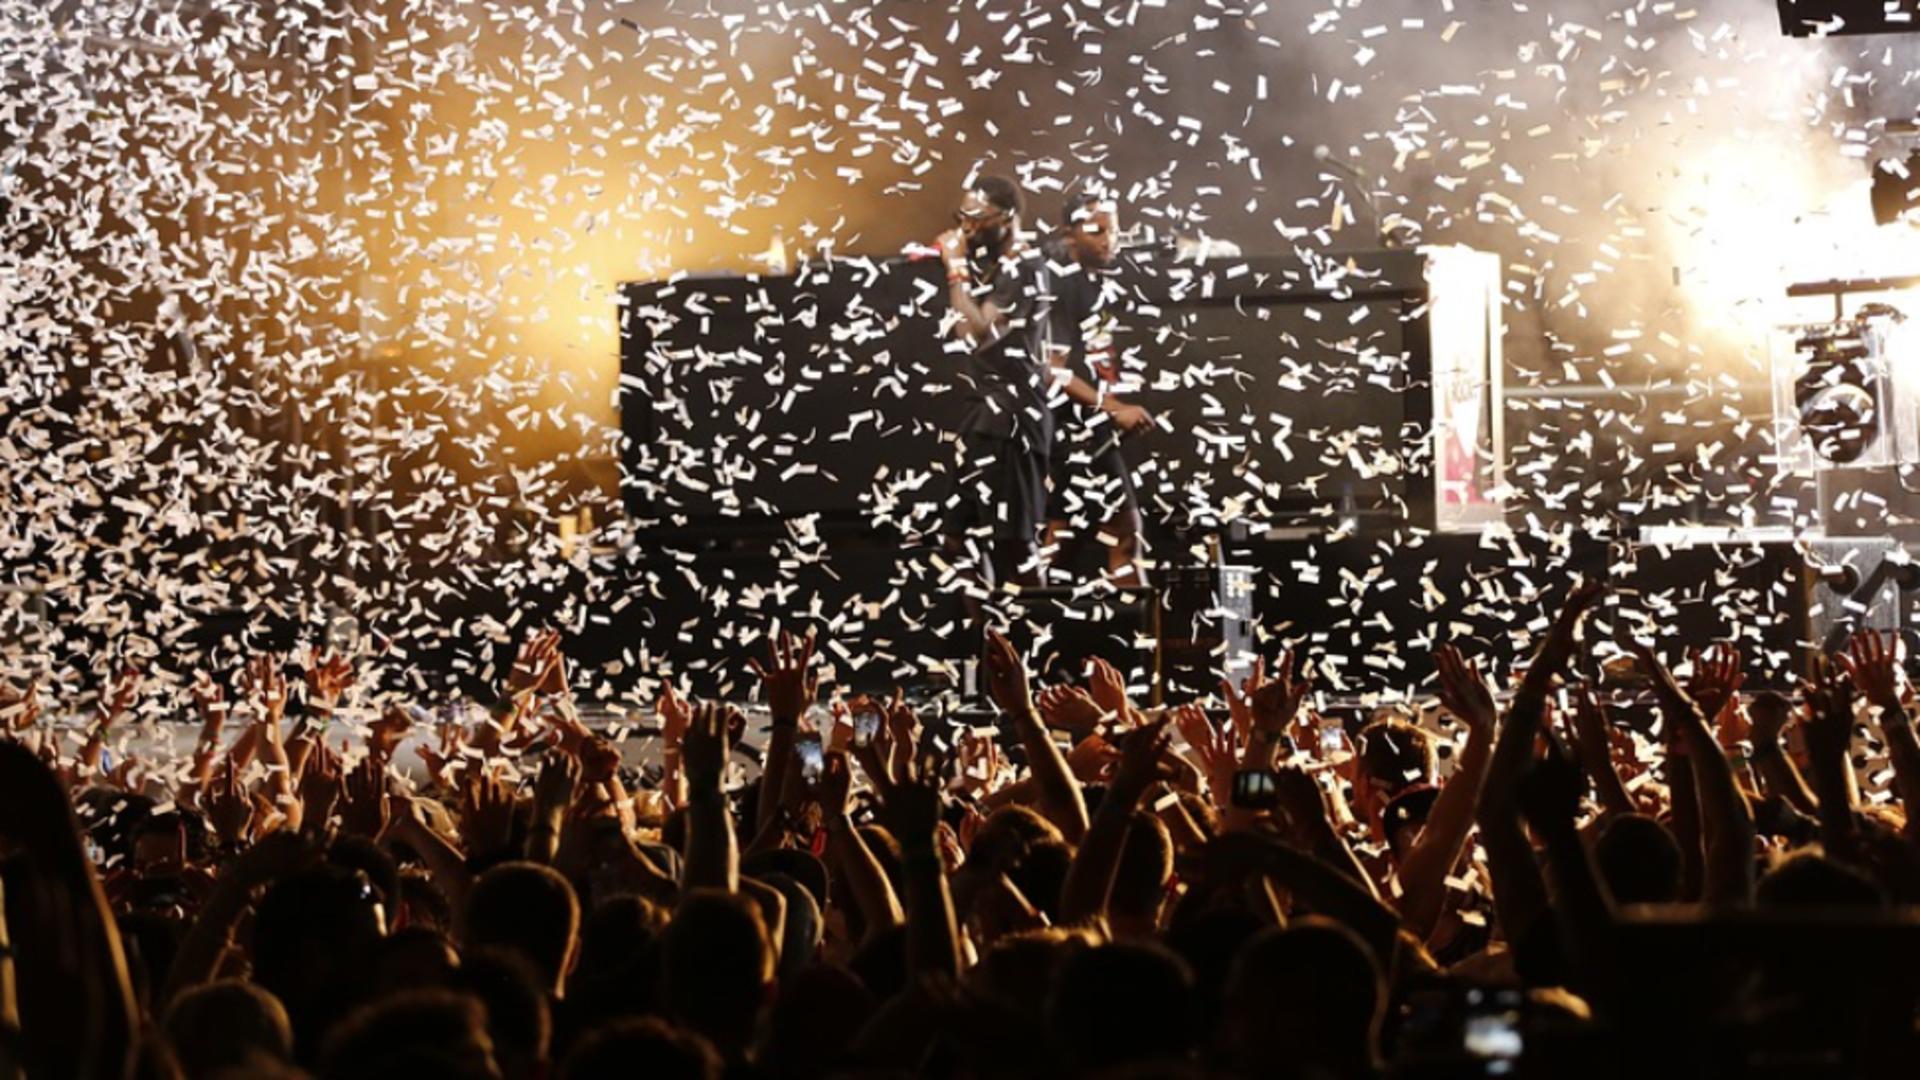 Concerte și spectacole în aer liber în vreme de pandemie, de la 1 iunie - Noile reguli de participare